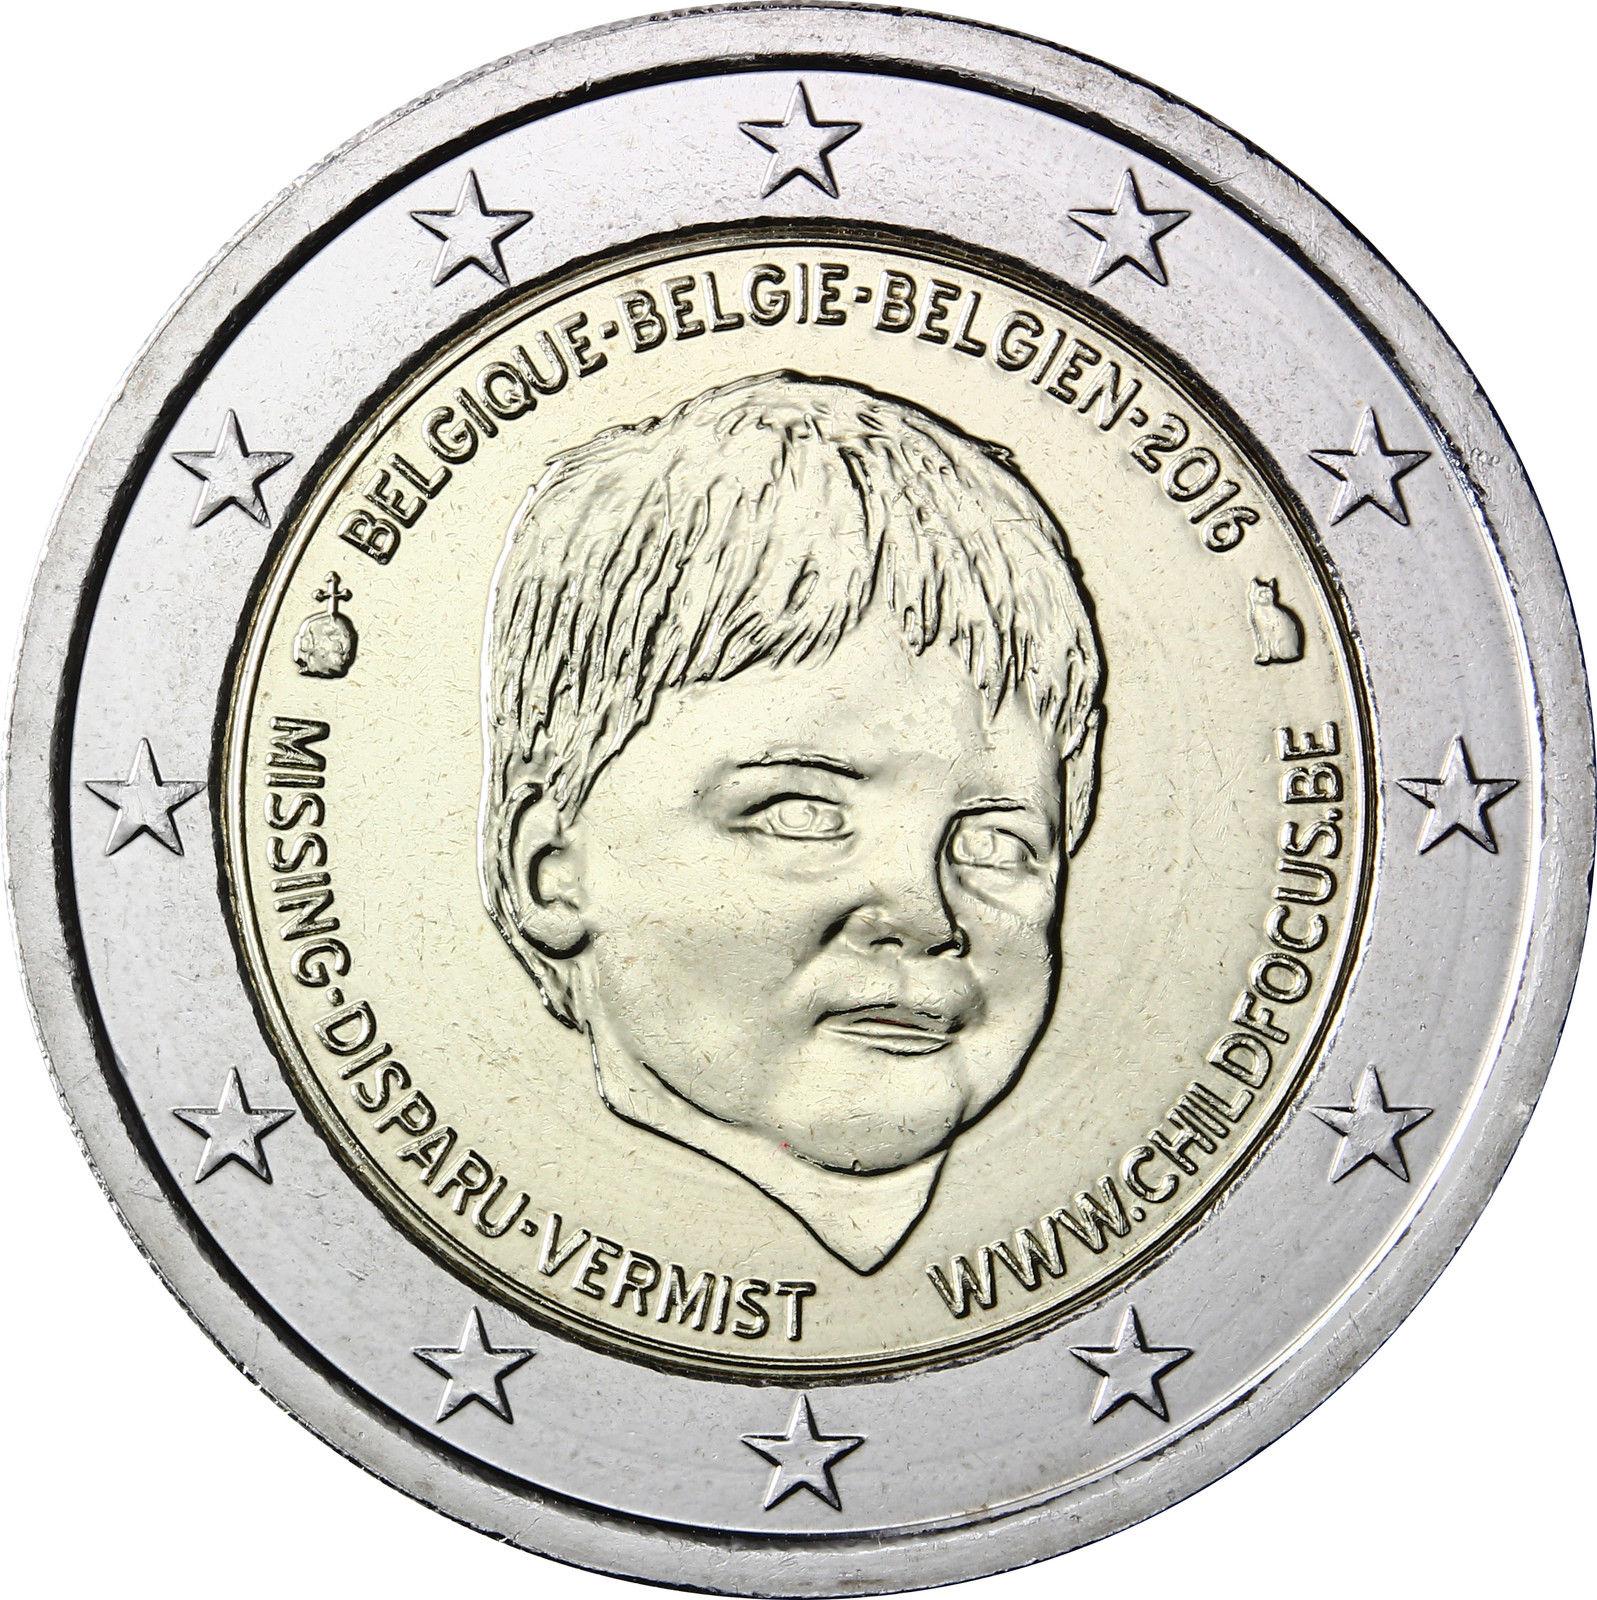 Бельгия 2 евро 2016 г.   20 лет центра Child Focus